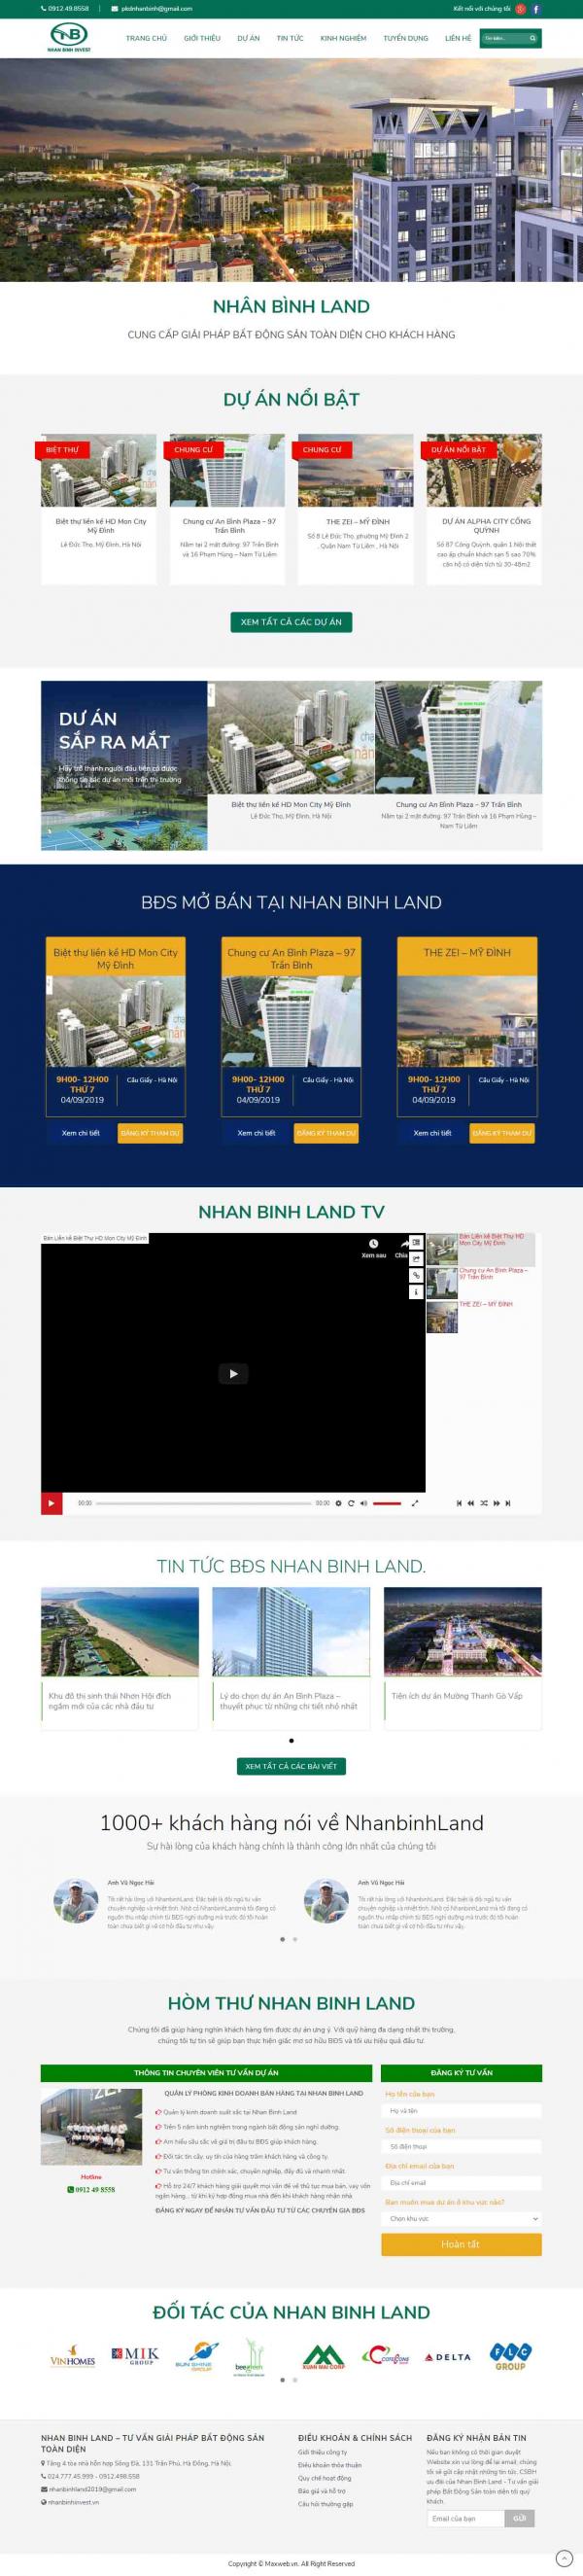 Mẫu giao diện thiết kế web nhà đất chuyên nghiệp